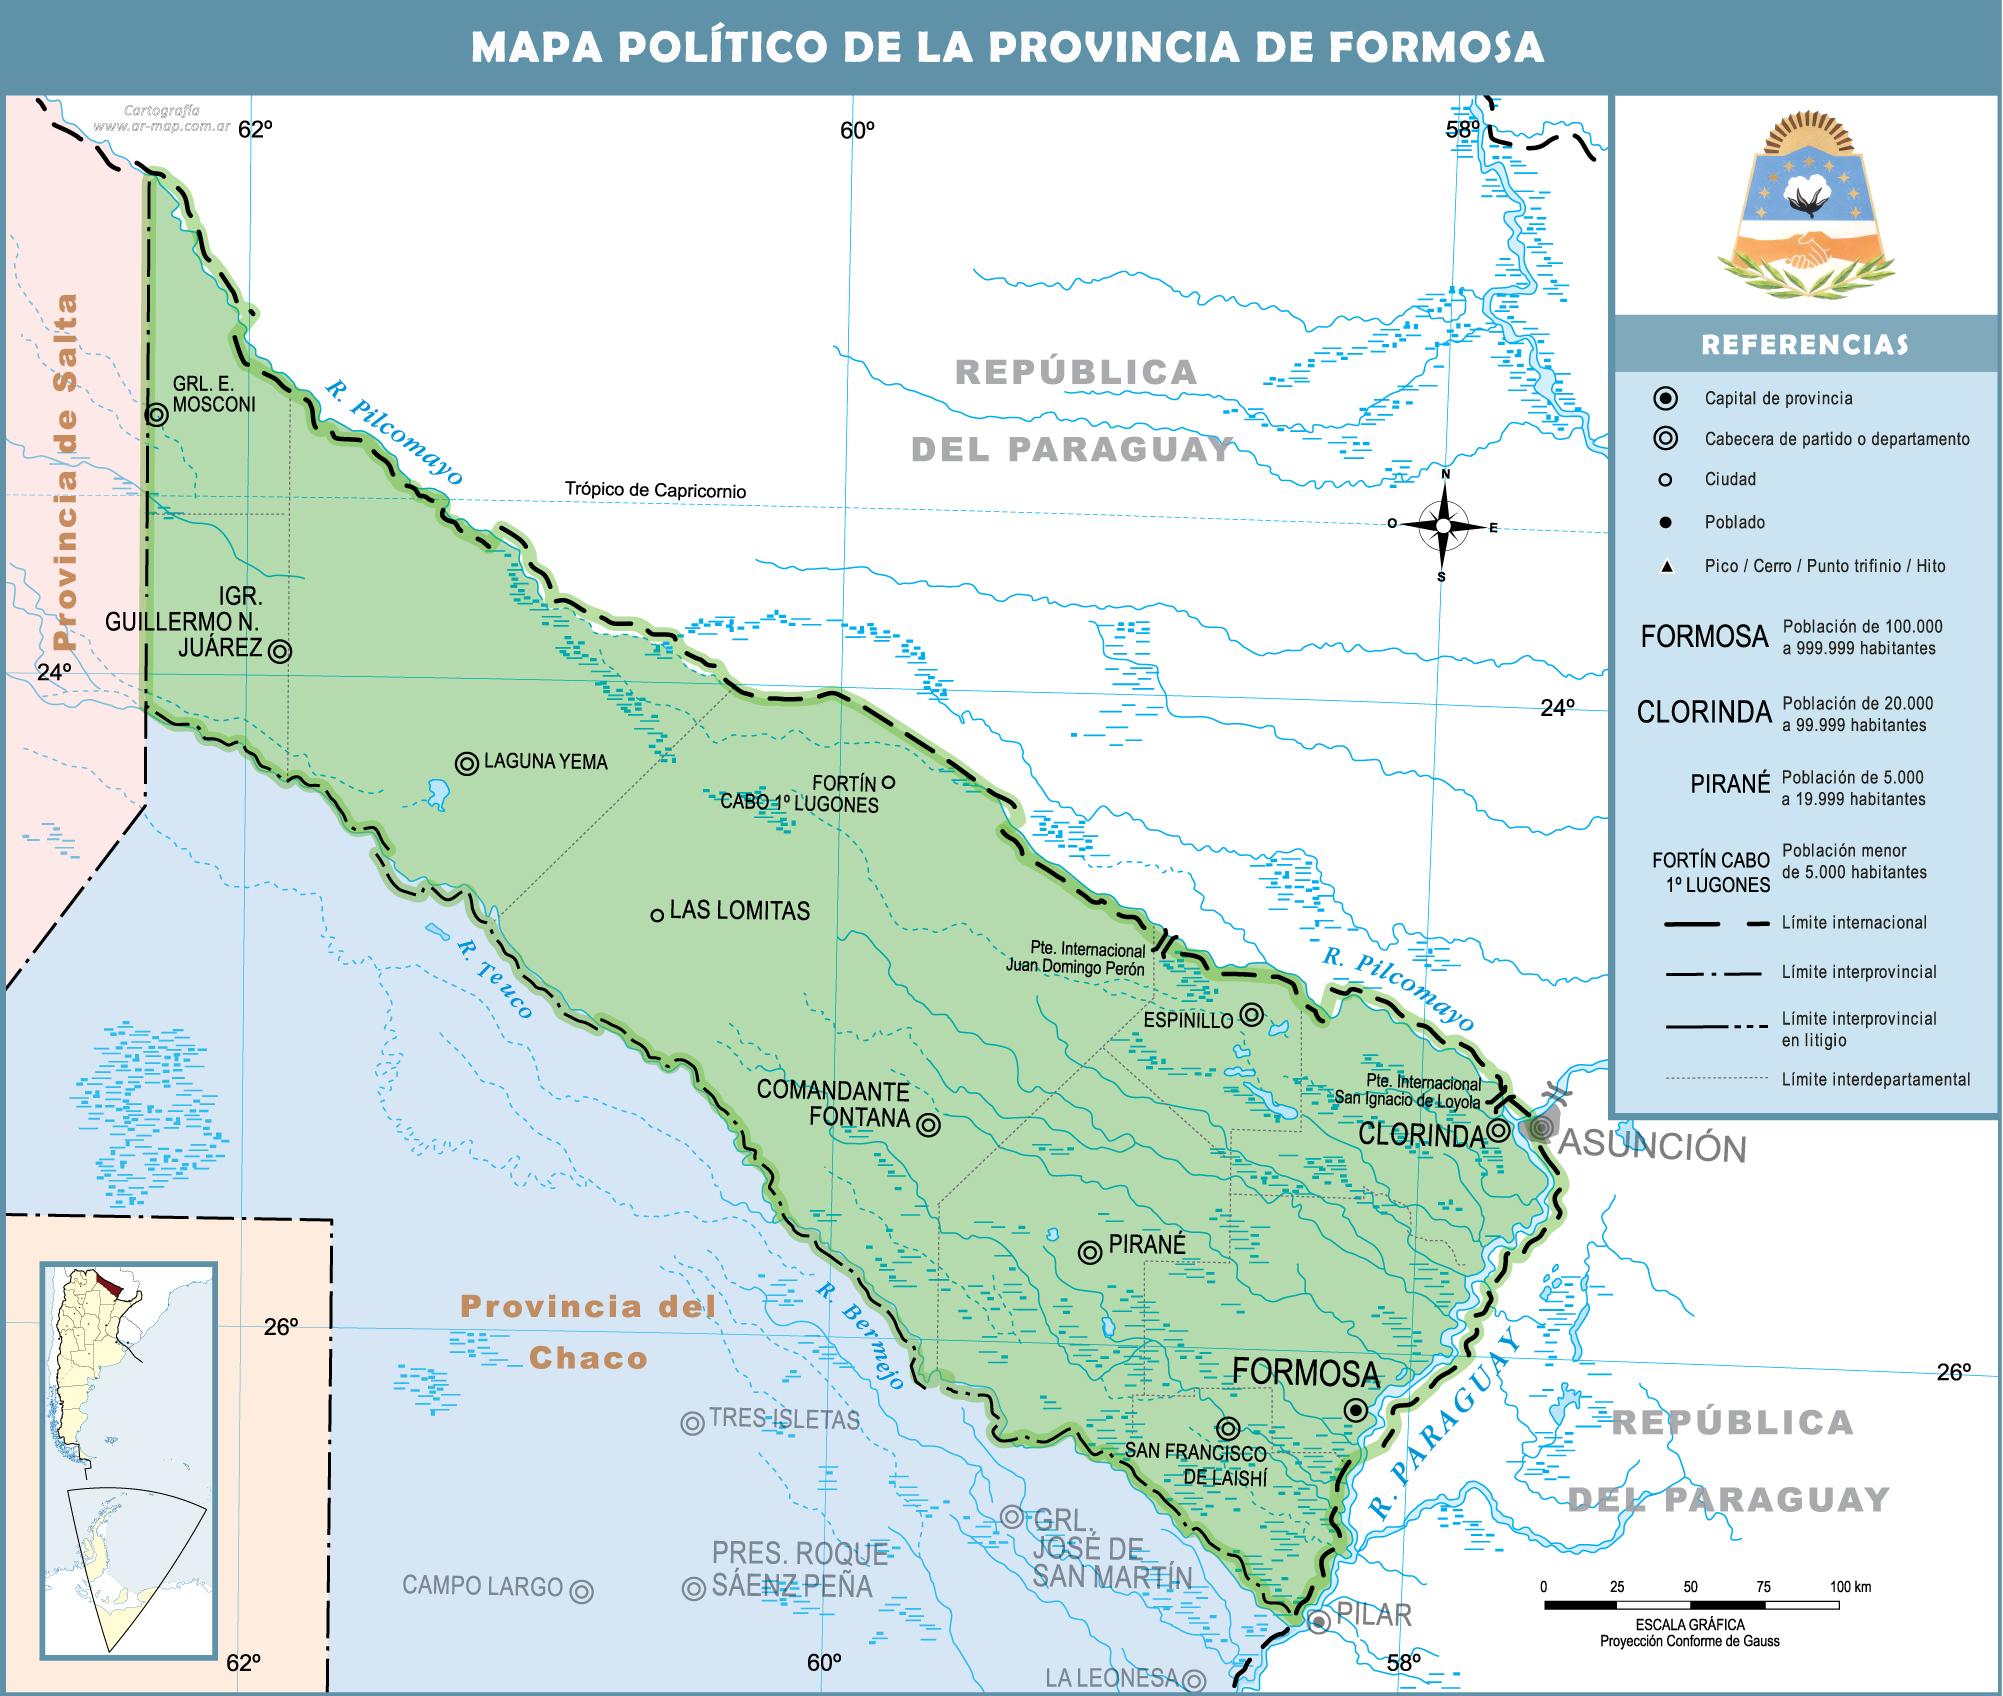 Mapa De Formosa Mapa Fisico Geografico Politico Turistico Y